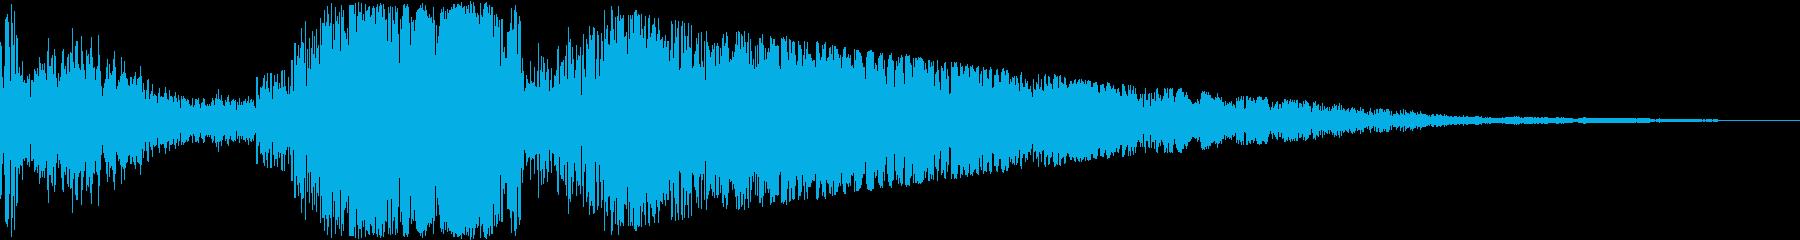 F1などのレース、エンジン音に最適30!の再生済みの波形